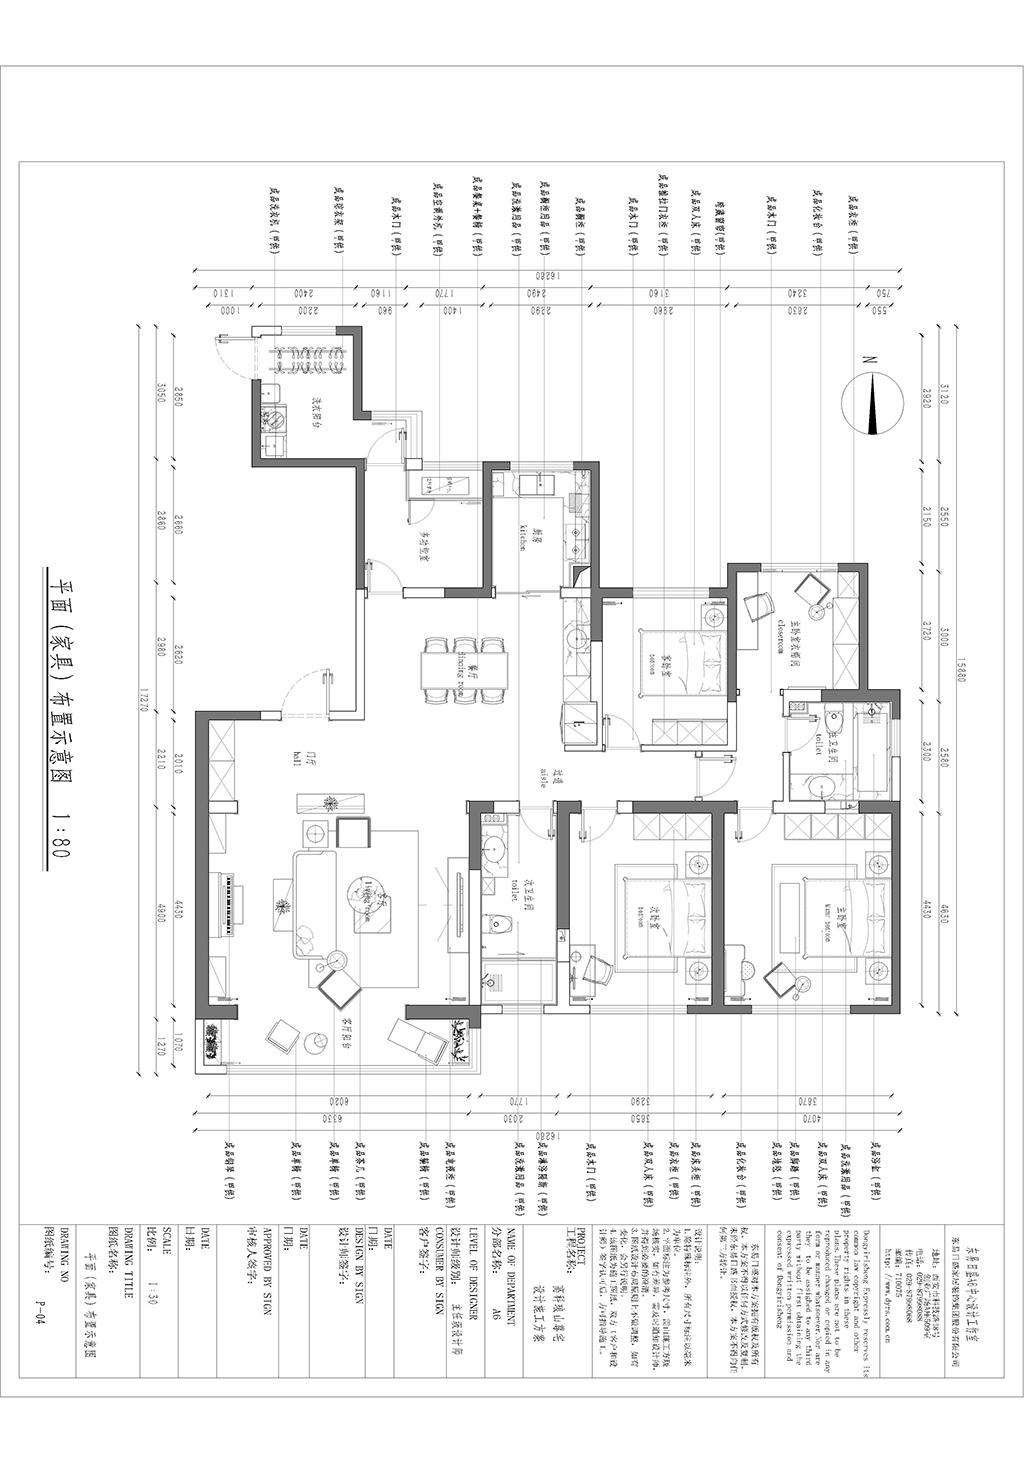 高科朗山 现代美式装修效果图 平层 185平米装修设计理念